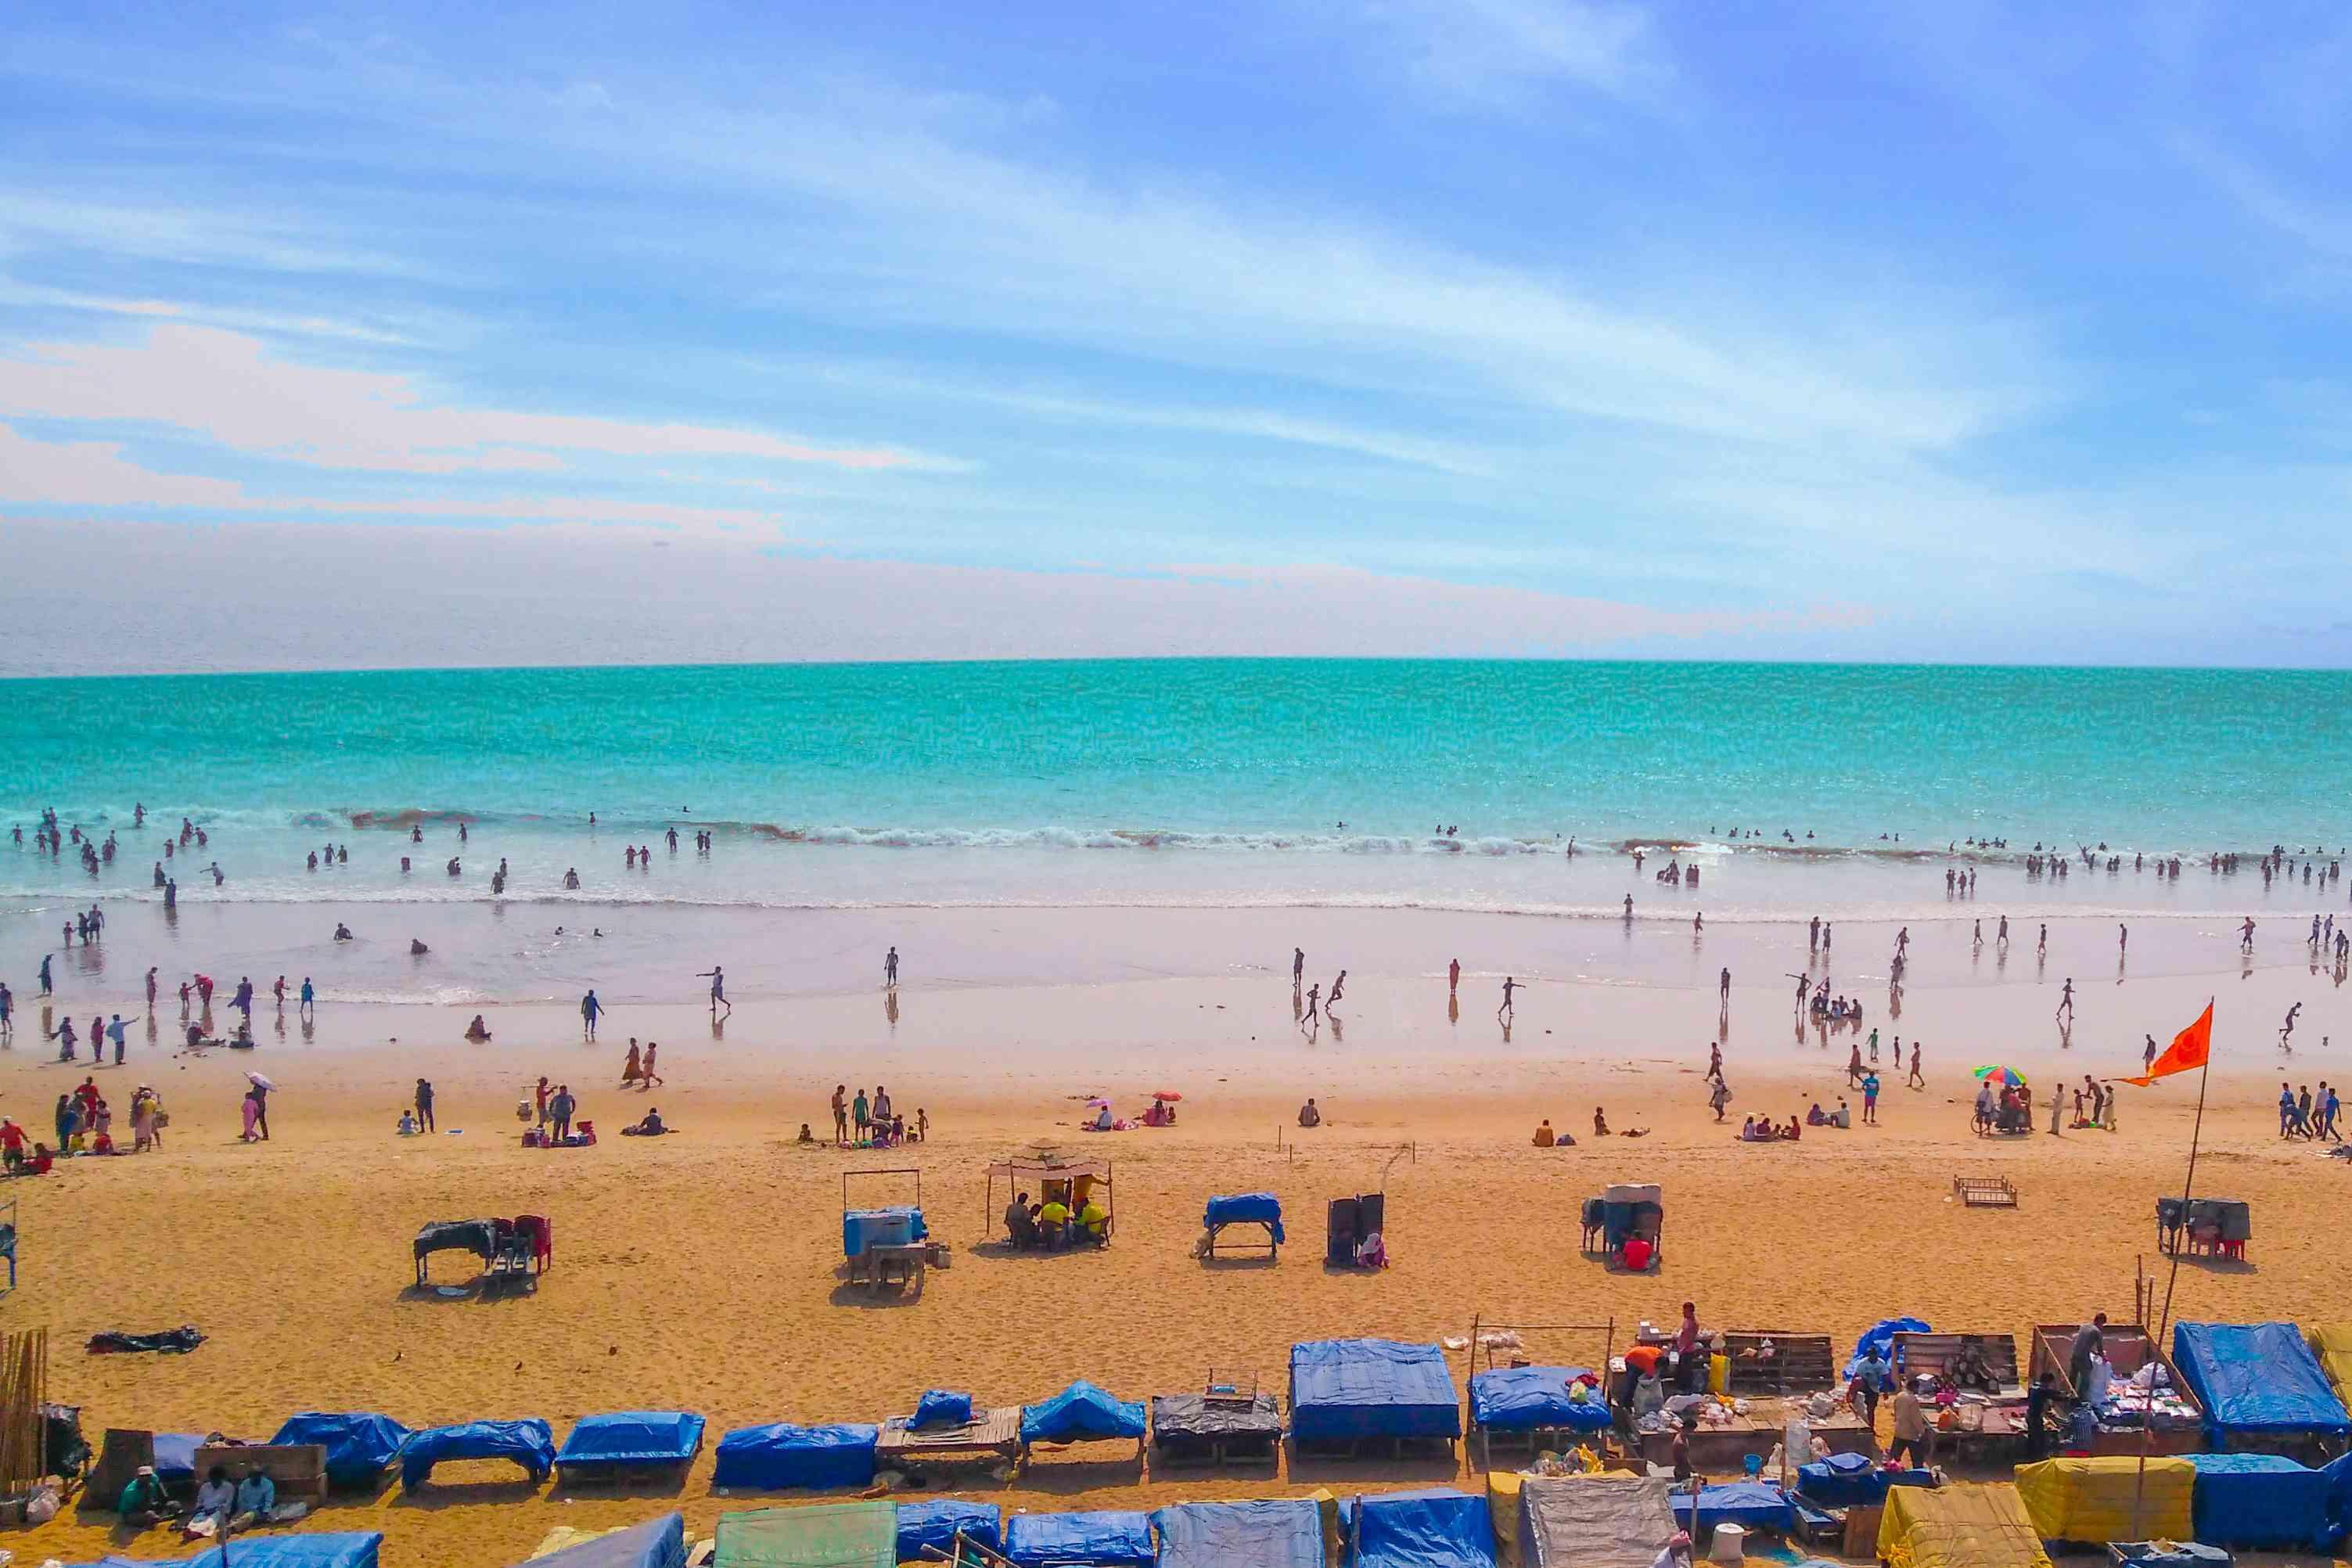 Golden Beach in Puri, Odisha.